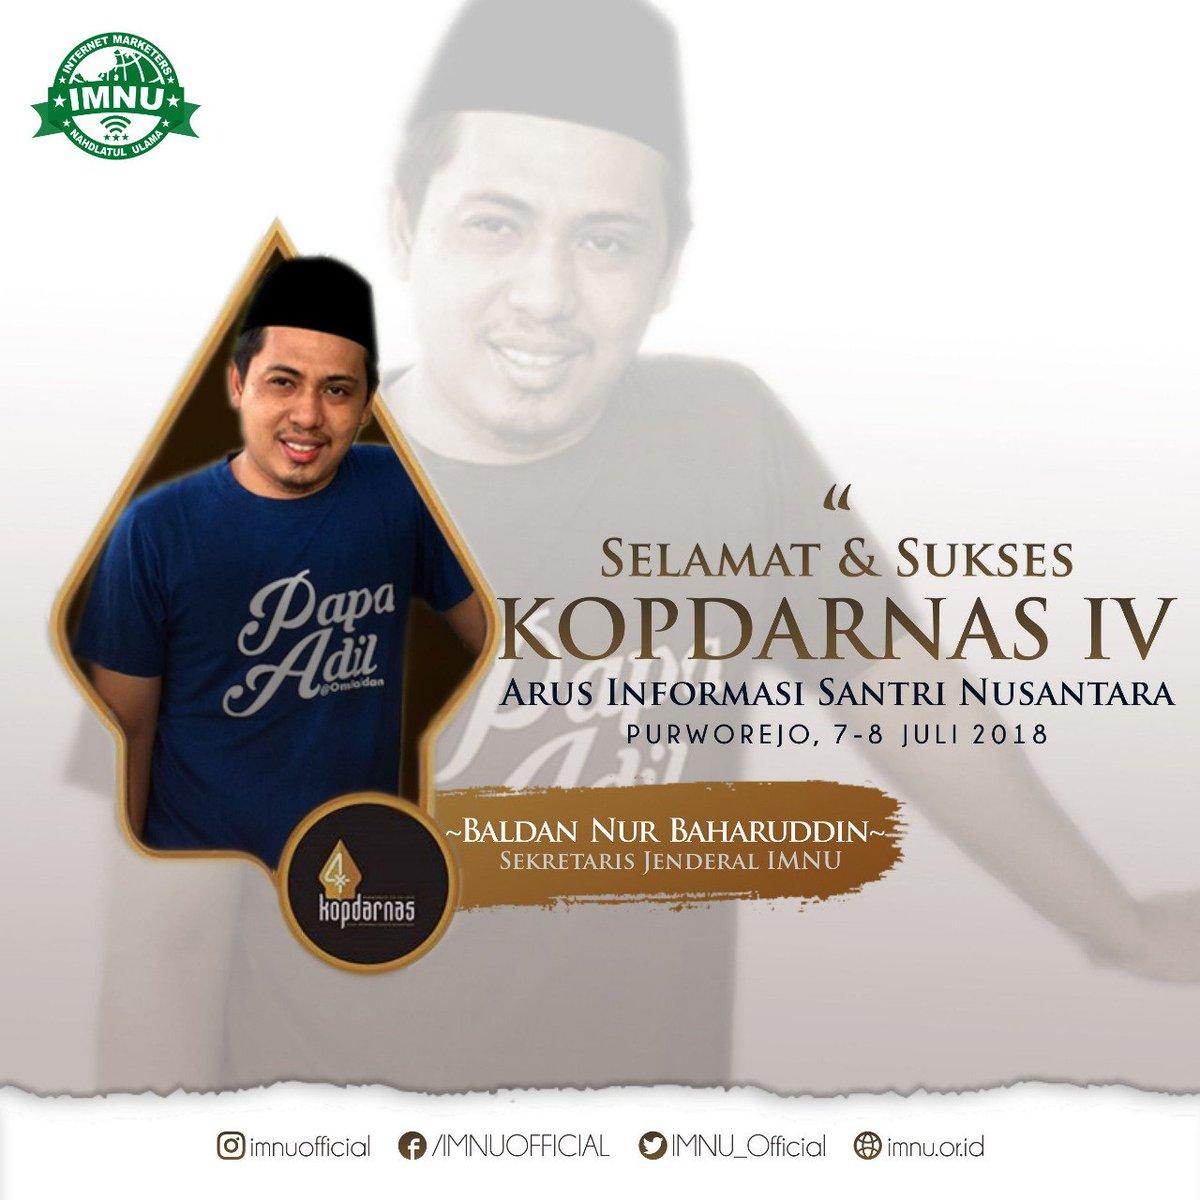 Selamat dan Sukses atas terselenggaranya. KOPDARNAS IV. Arus Informasi Santri Nusantara. @aisnusantara Purworejo, 7-8 Juli 2018.  #AIS #aisnusantara #IMNU #kopdarnas #indonesialebihnyantri